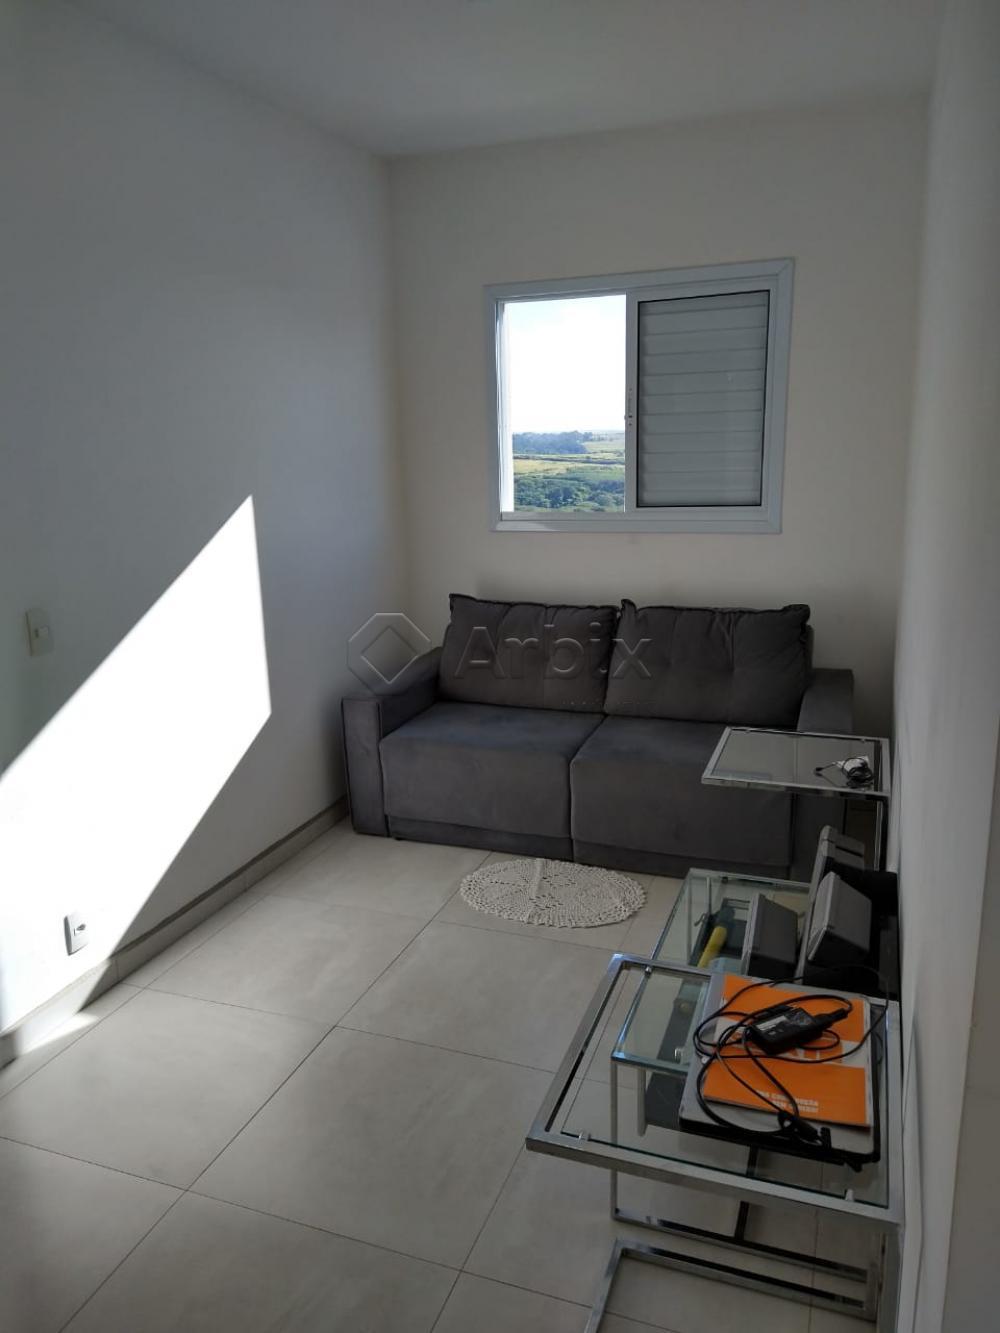 Comprar Apartamento / Padrão em Santa Bárbara D`Oeste R$ 320.000,00 - Foto 11